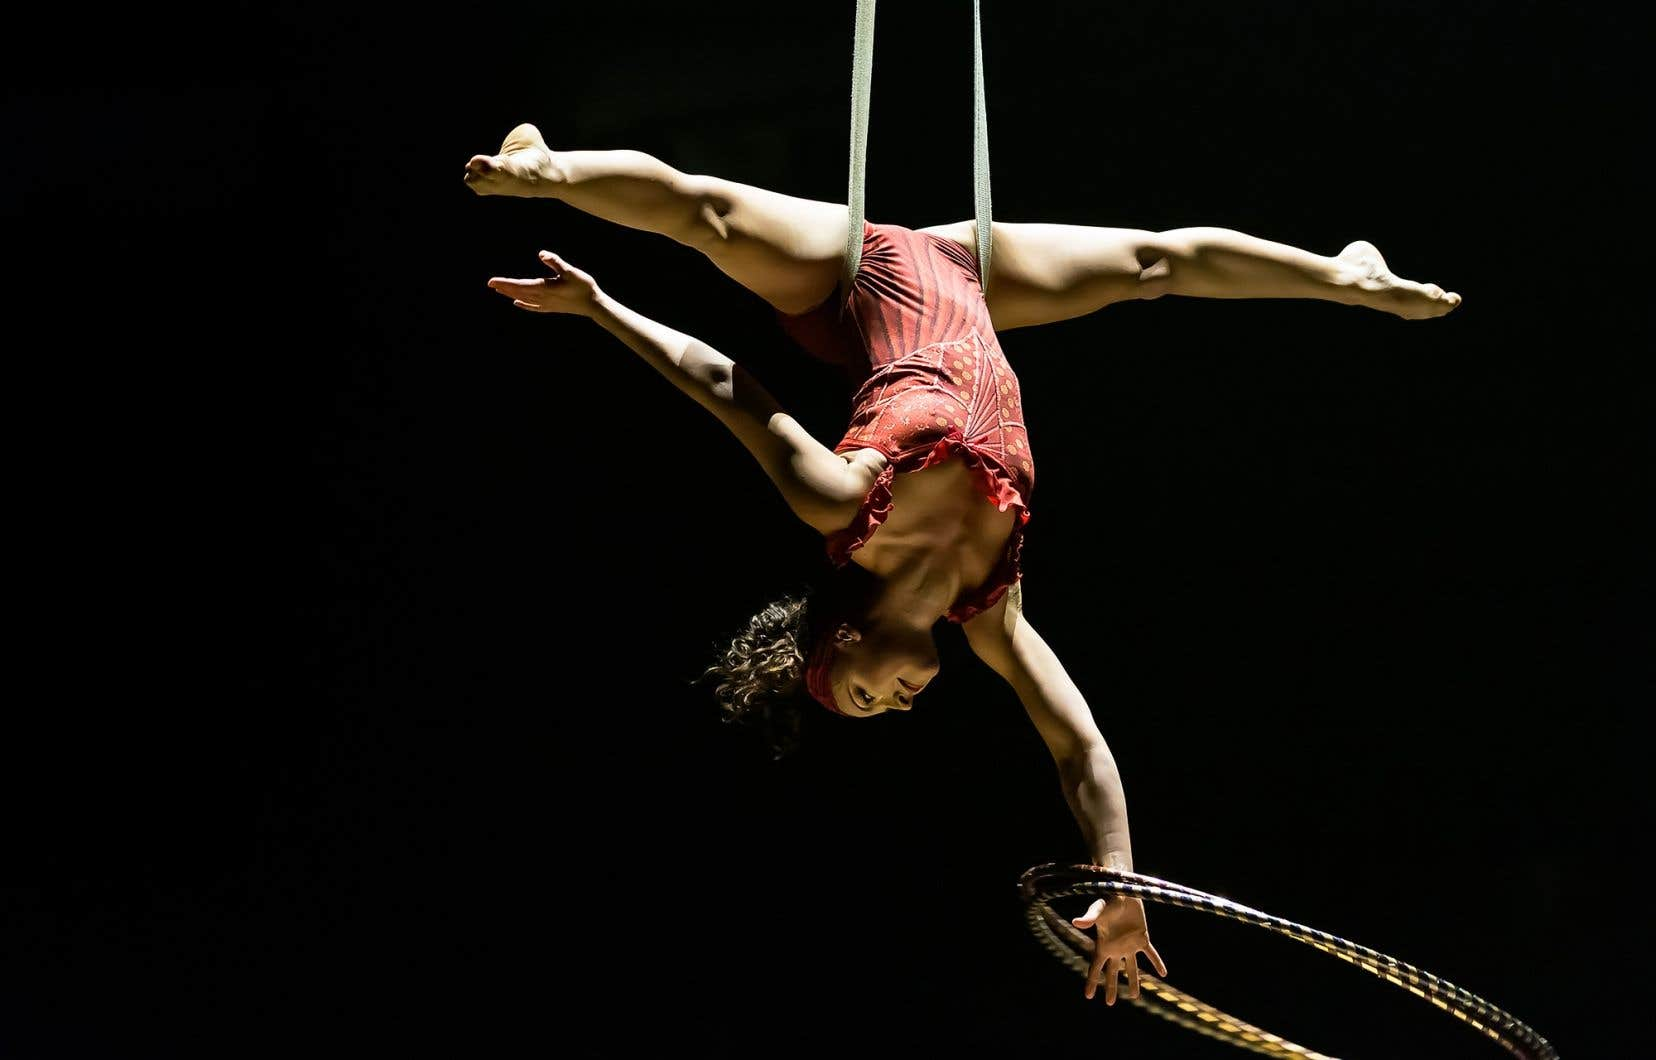 <p>Le Cirque explique sa décision d'annuler toutes les représentations du spectacle en raison de l'état actuel de la pandémie de COVID-19 au Québec et ailleurs dans le monde.</p>